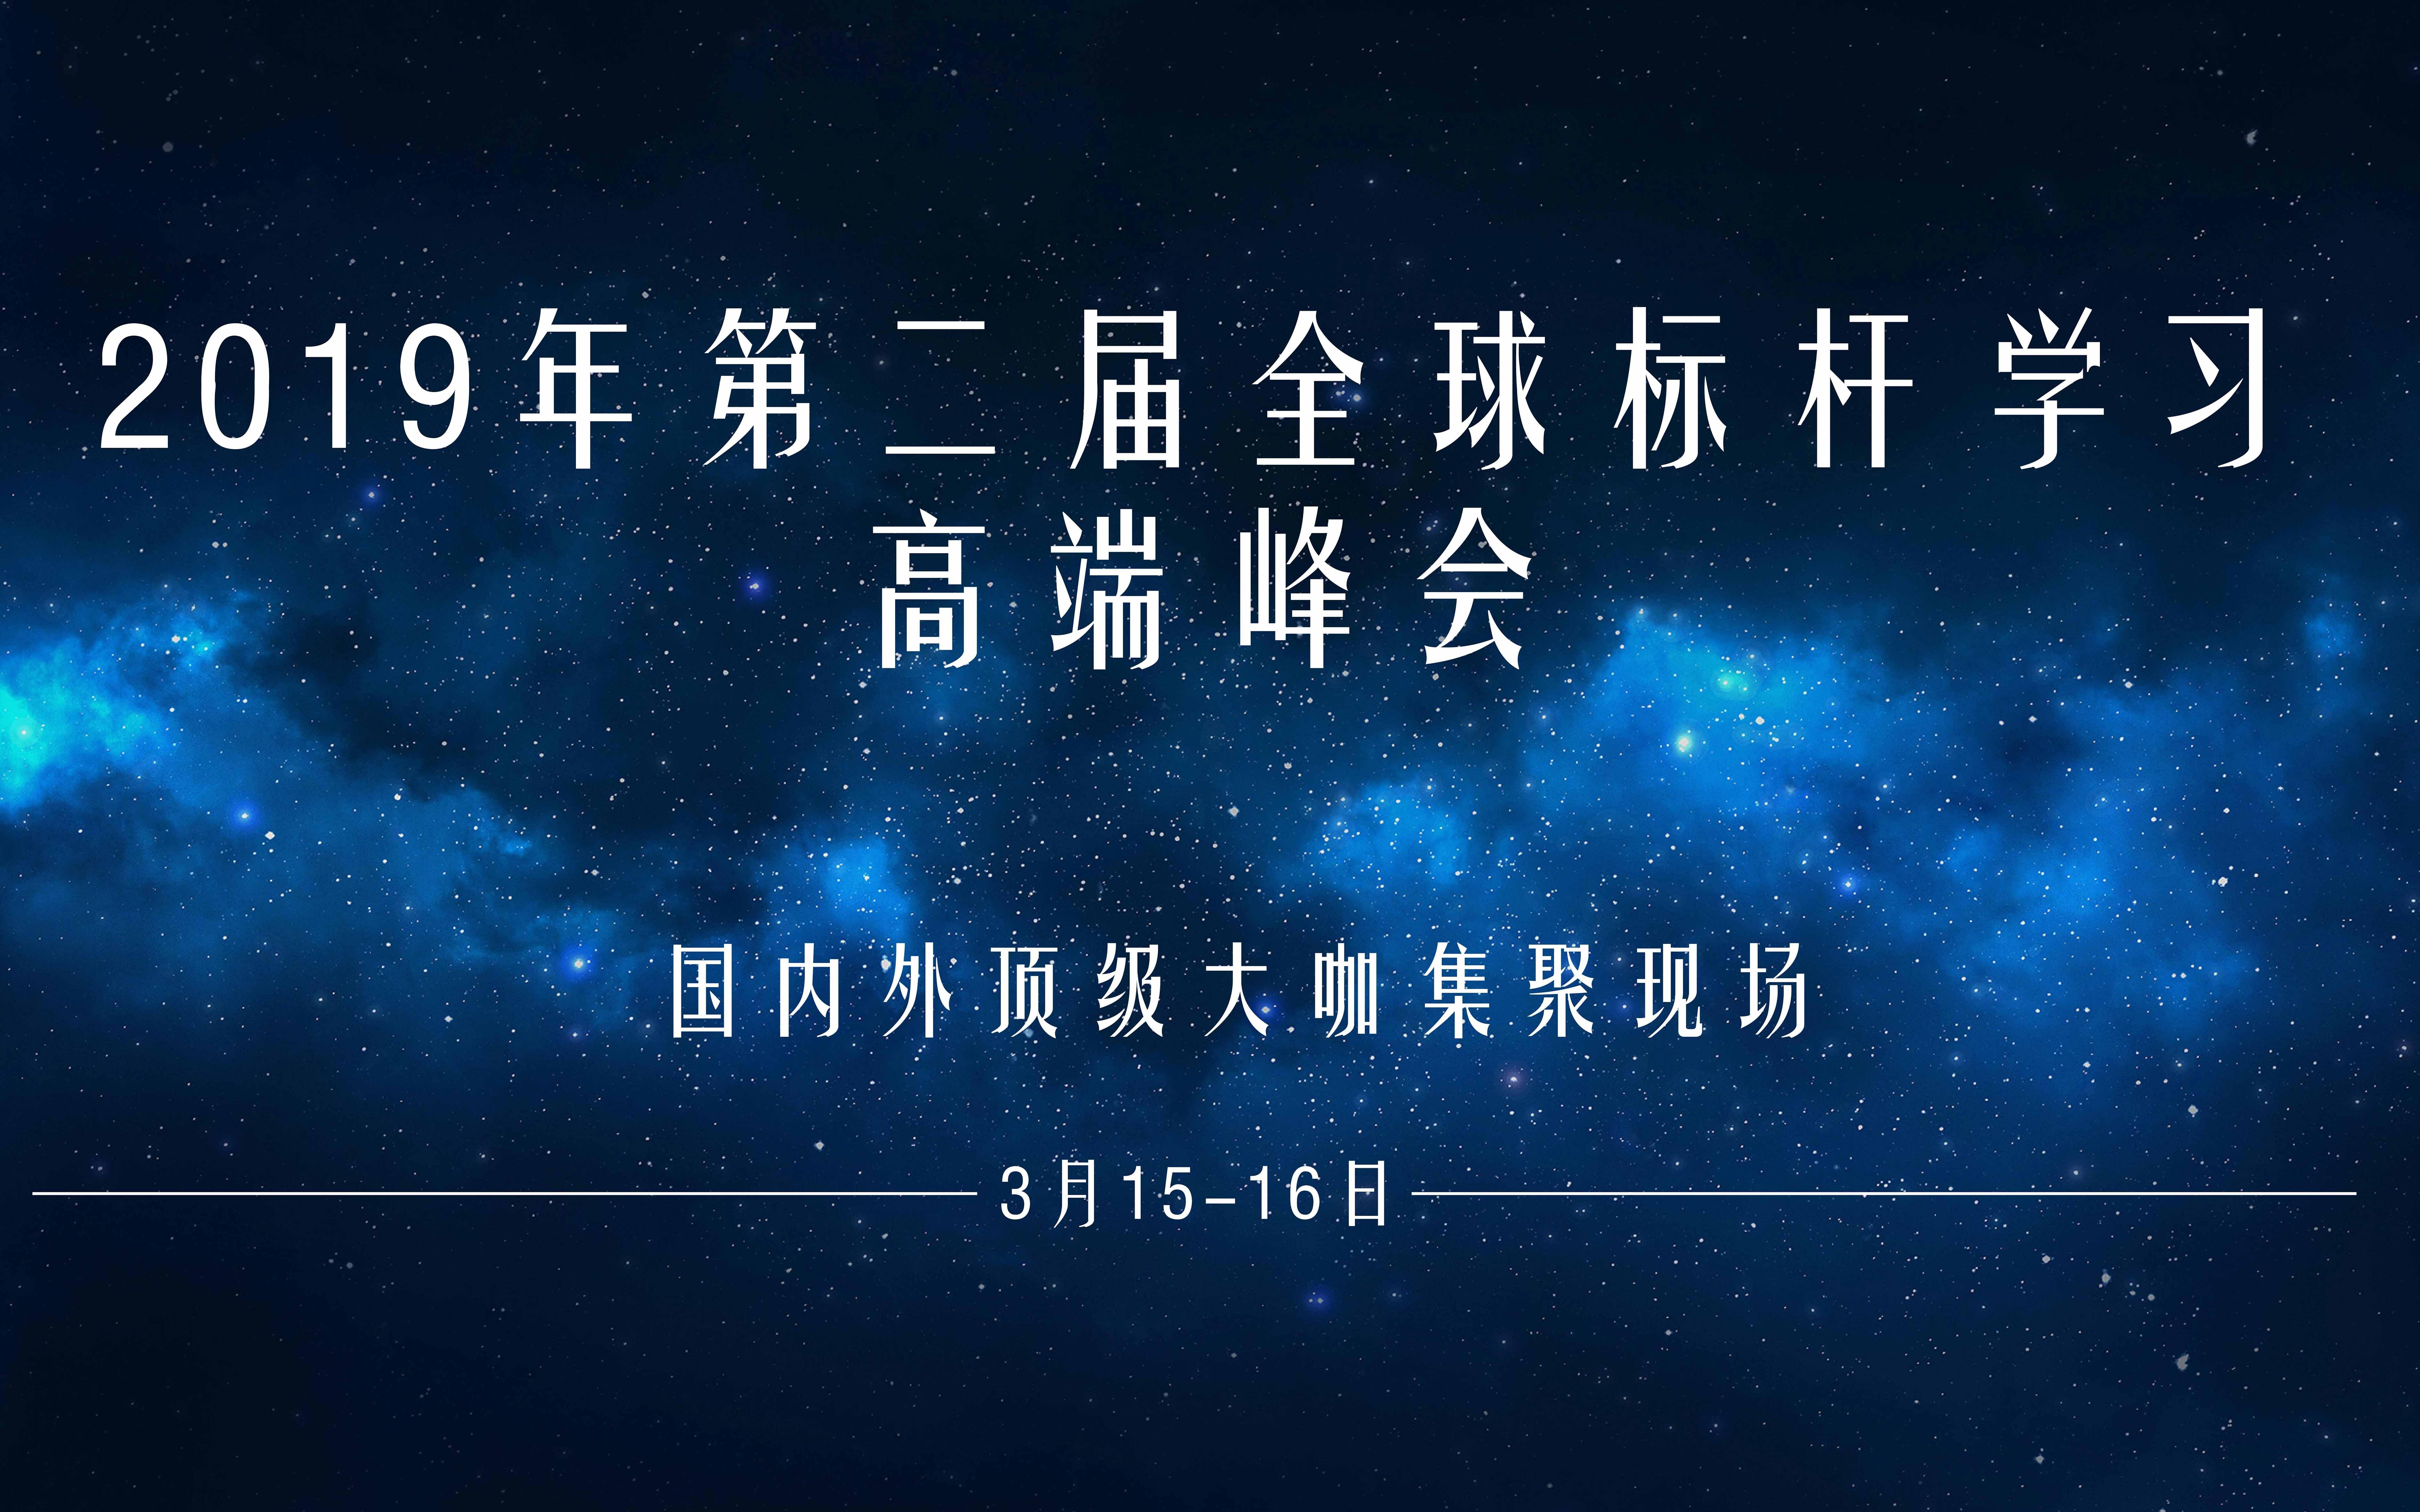 2019年第二届全球标杆学习高端峰会(北京)